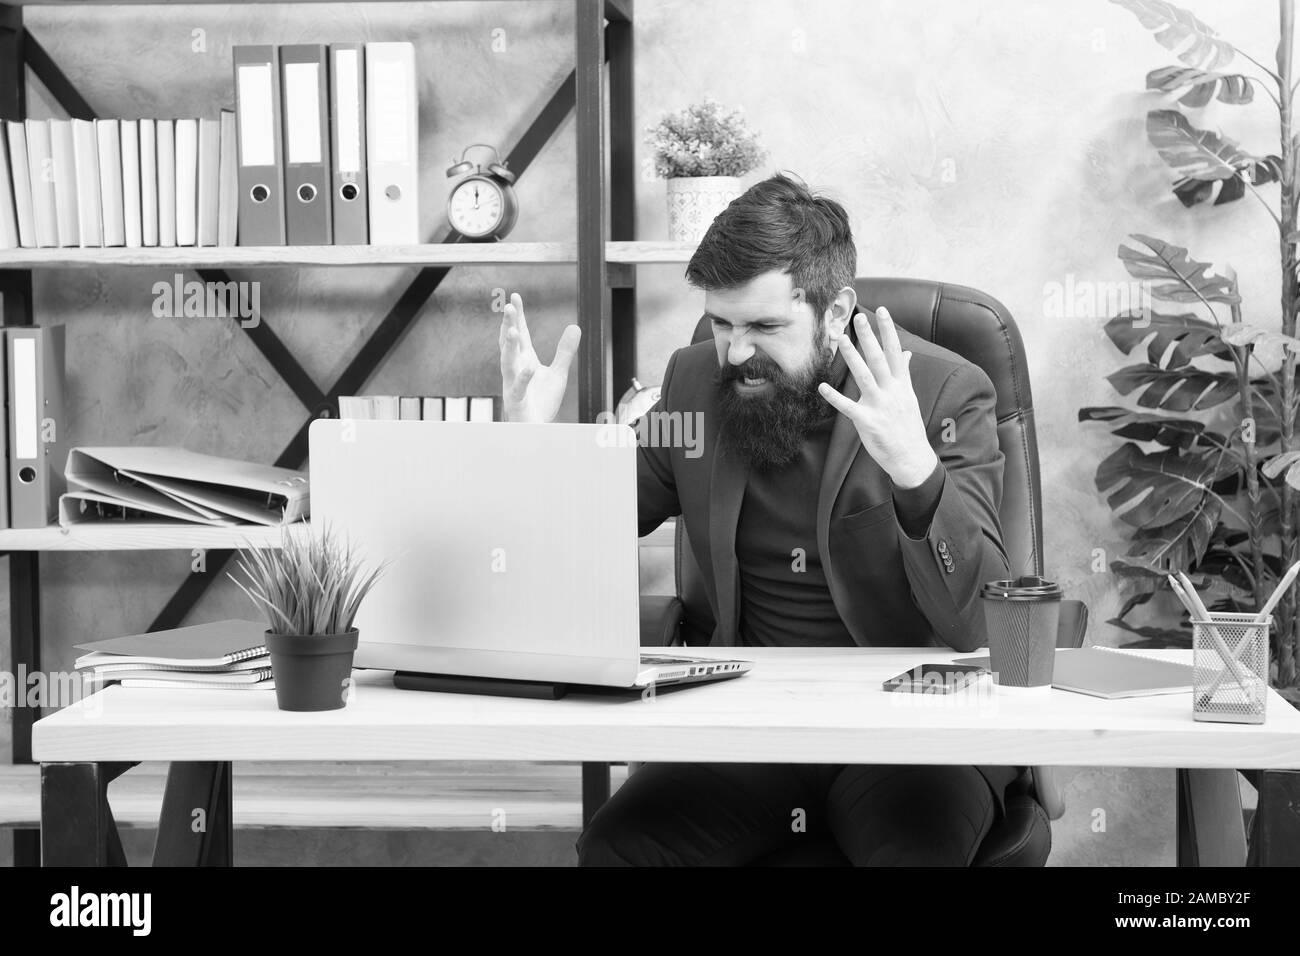 Me metí en desorden. El hombre barbado boss manager sit oficina con ordenador portátil. Manager solucionar problemas empresariales en línea. Hombre de negocios fracasado. Un negocio arriesgado. Broker y los indicadores financieros. Los precios de las acciones bursátiles. Foto de stock